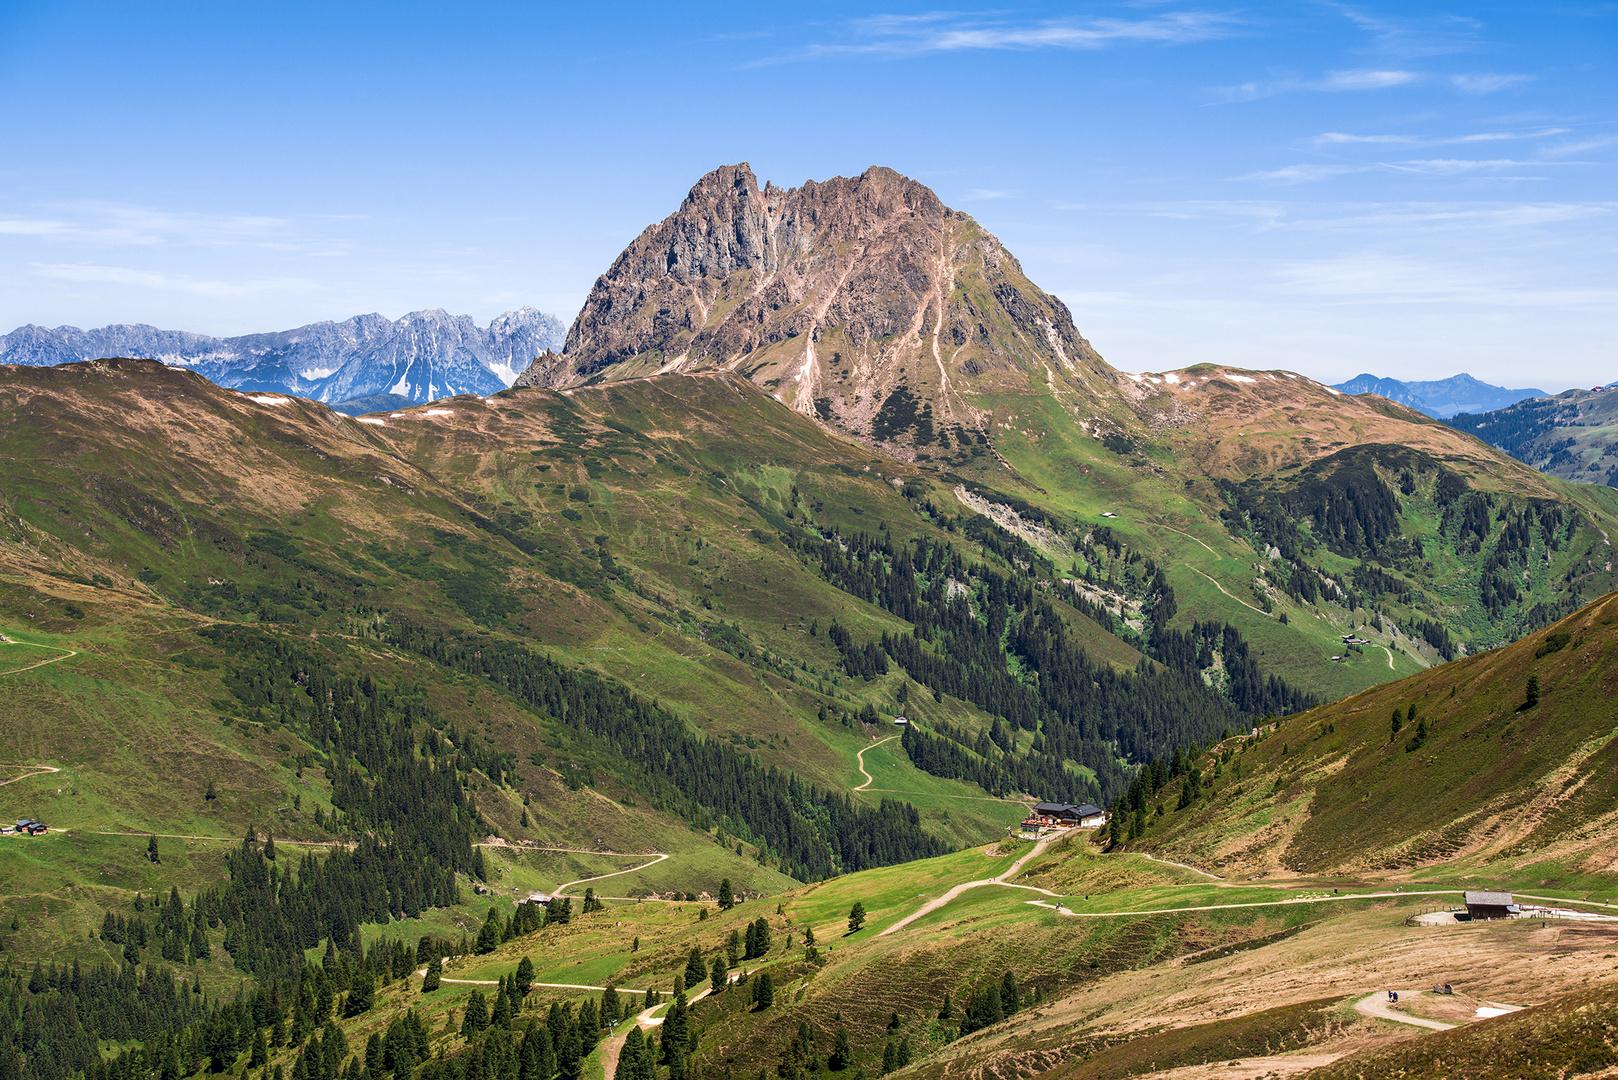 Österreich Foto & Bild   natur, landschaft, berg Bilder auf fotocommunity